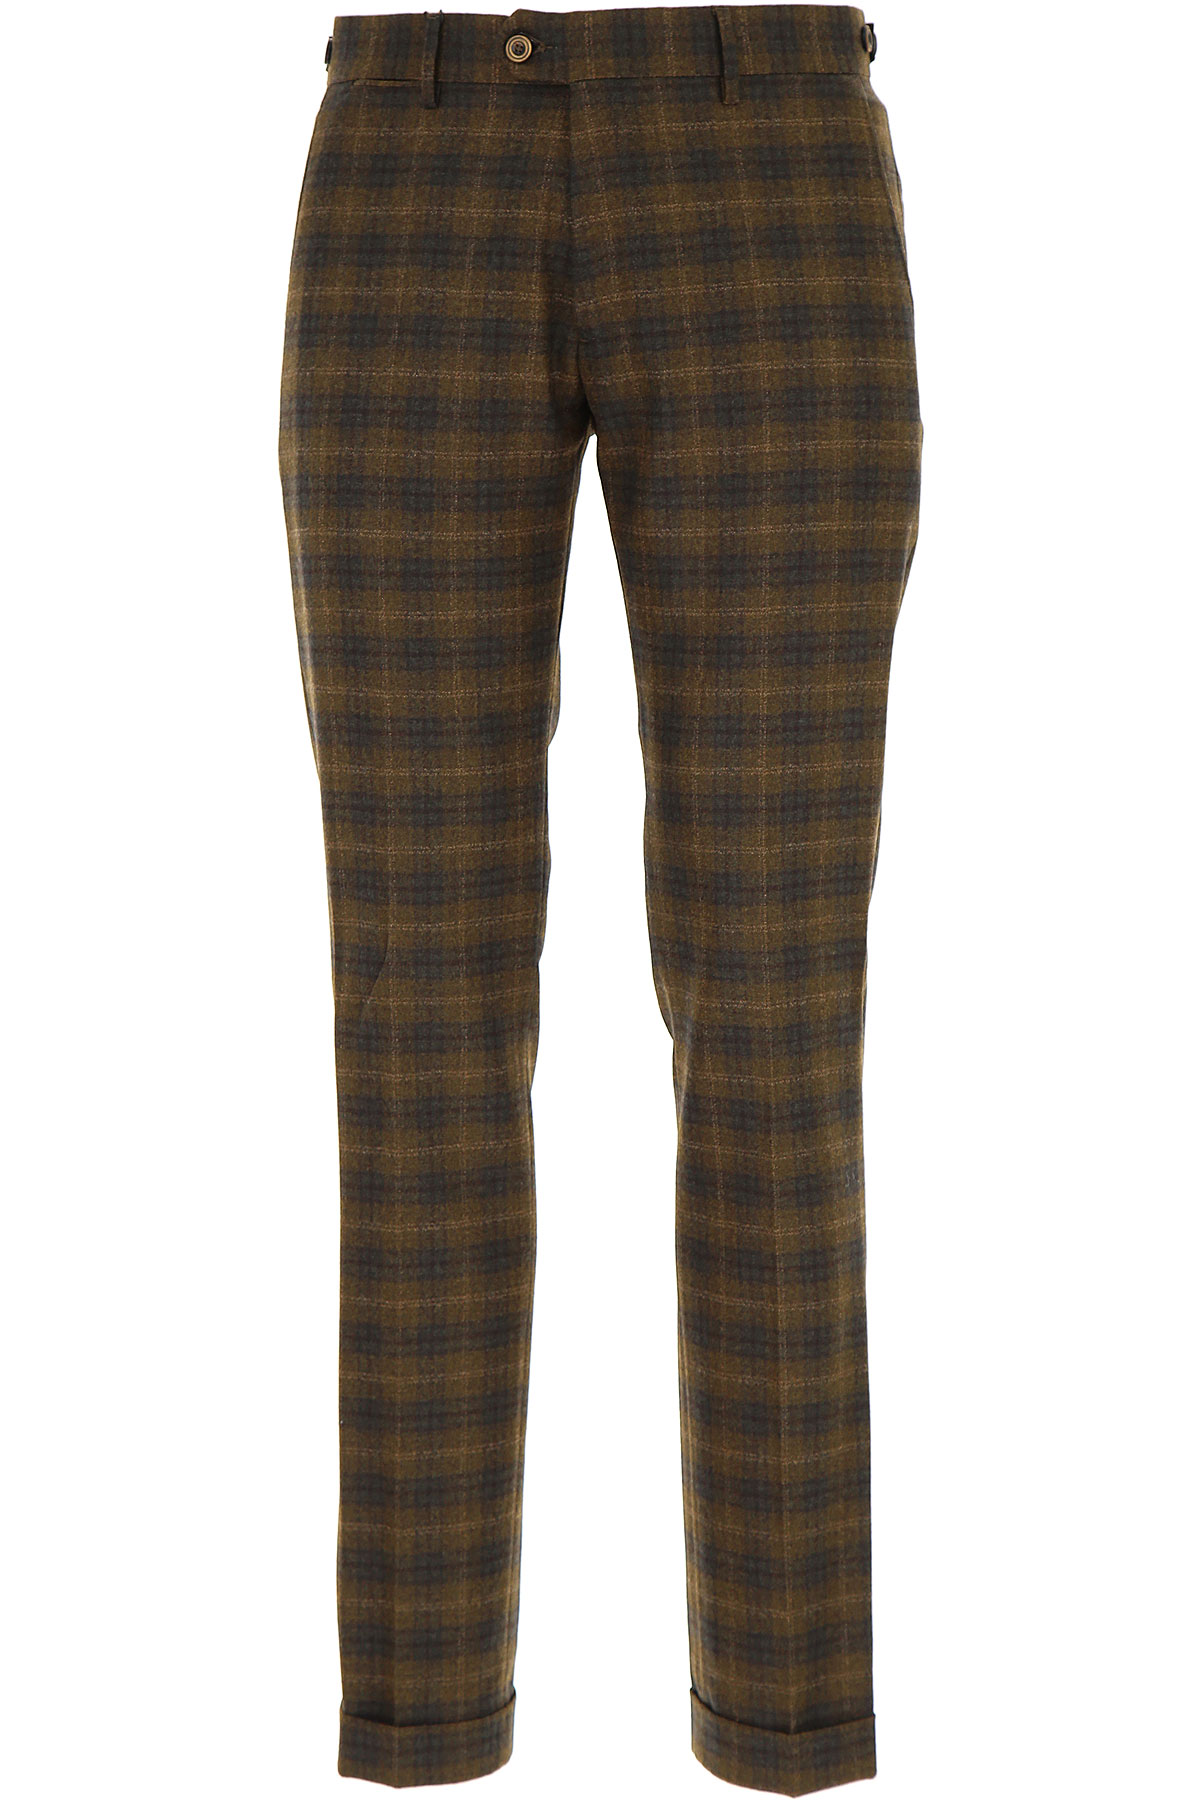 Image of Berwich Pants for Men, Coffee, Virgin wool, 2017, 30 32 34 36 38